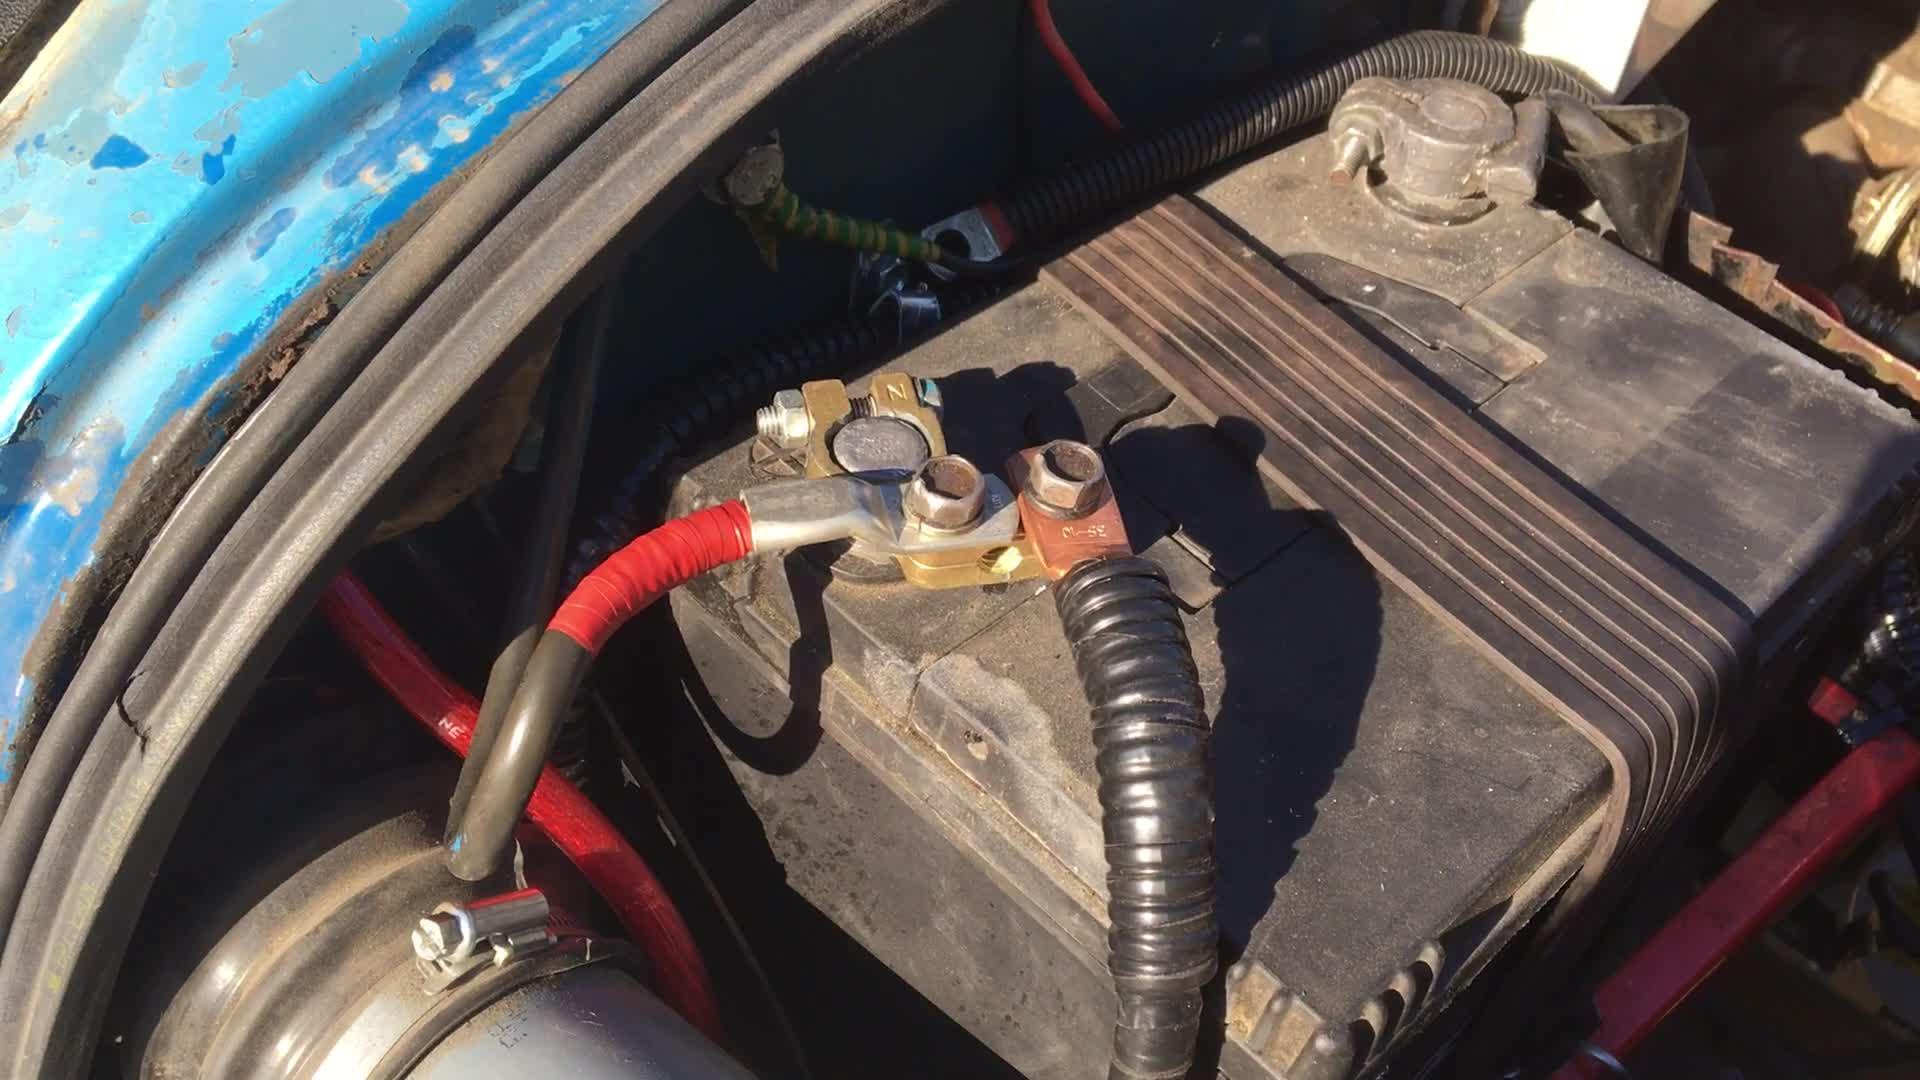 Теперь клемма у меня аккуратная, и к ней подходит лишь 2 провода — сам распределительный блок и основной штатный провод. Вся куча проводов теперь в коробе! Это очень классно, тем более, что на подходе установка люстры с прожекторами на крышу.